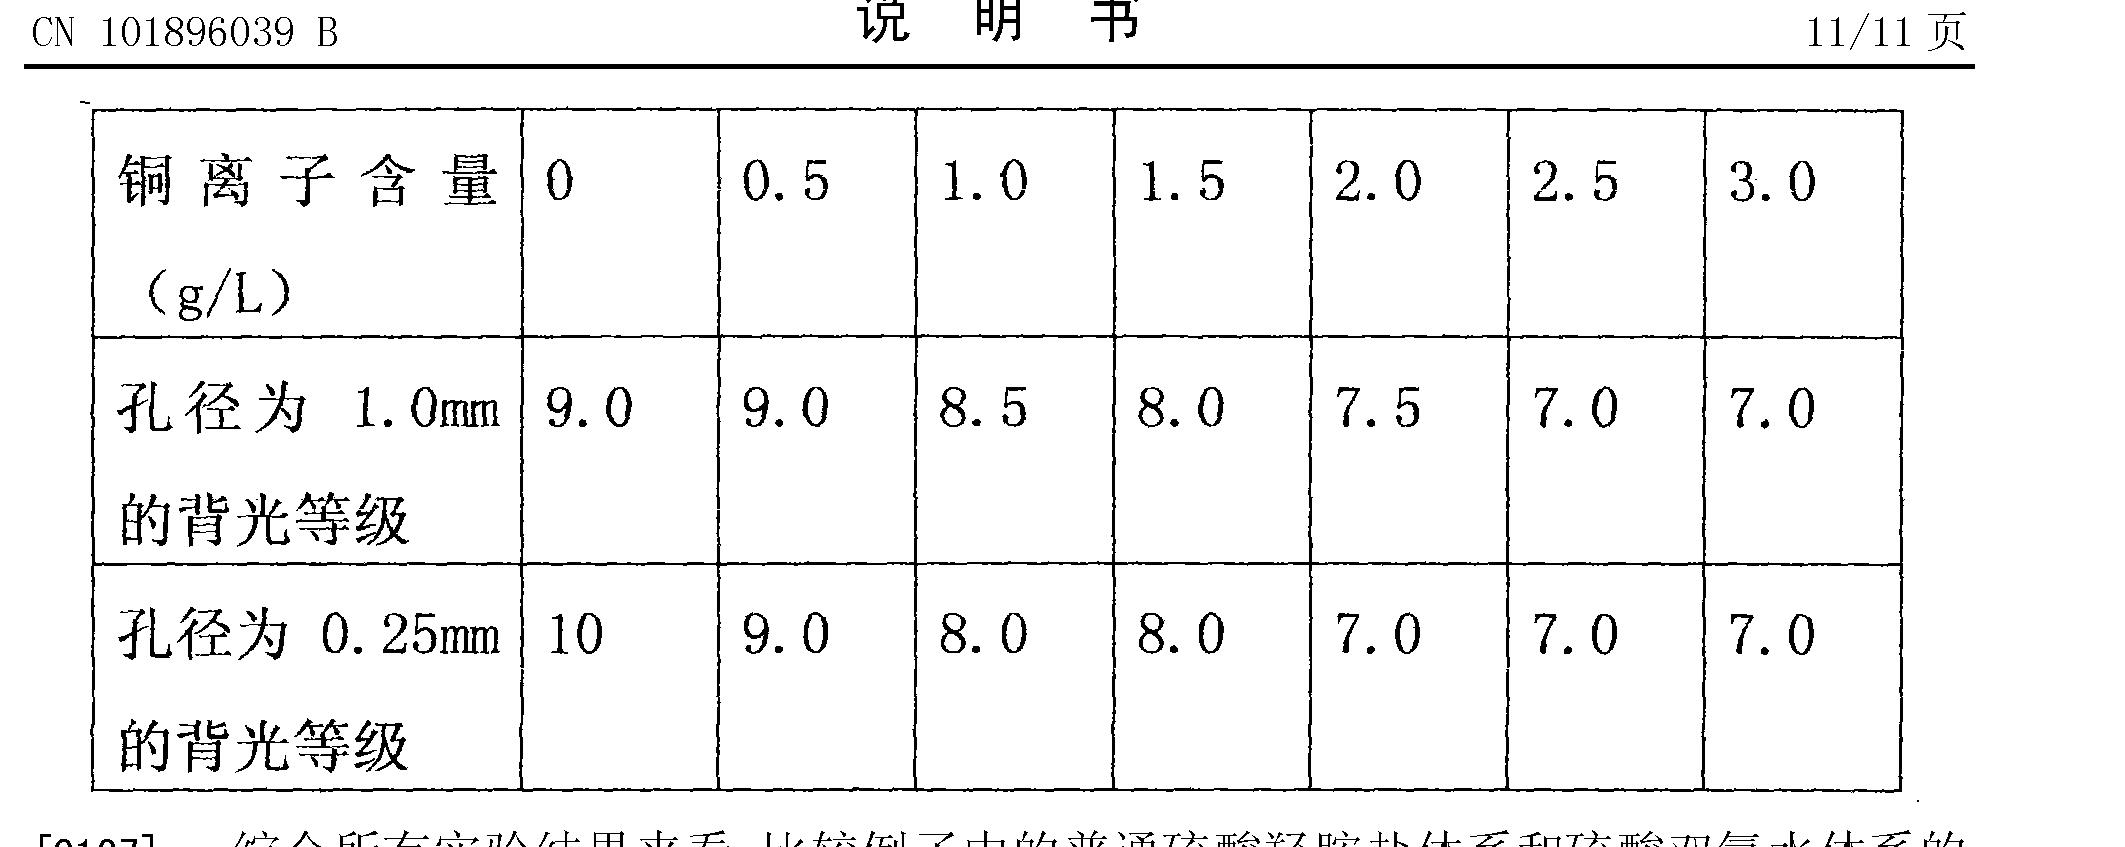 Figure CN101896039BD00131